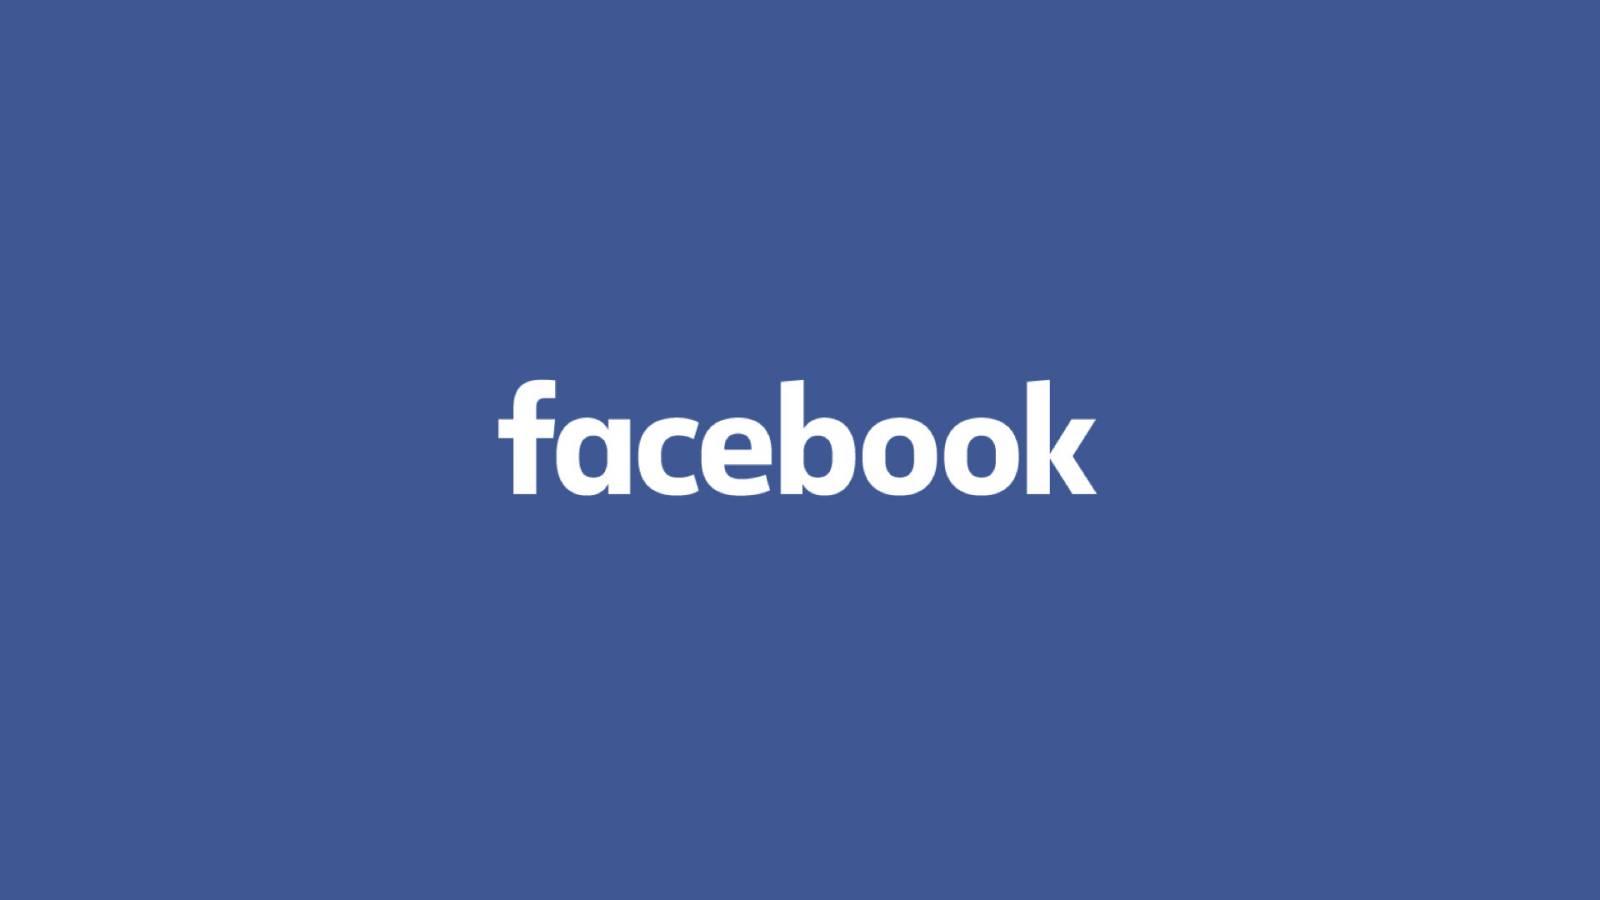 Facebook Actualizarea Noua cu Schimbari Importante pe Telefoane